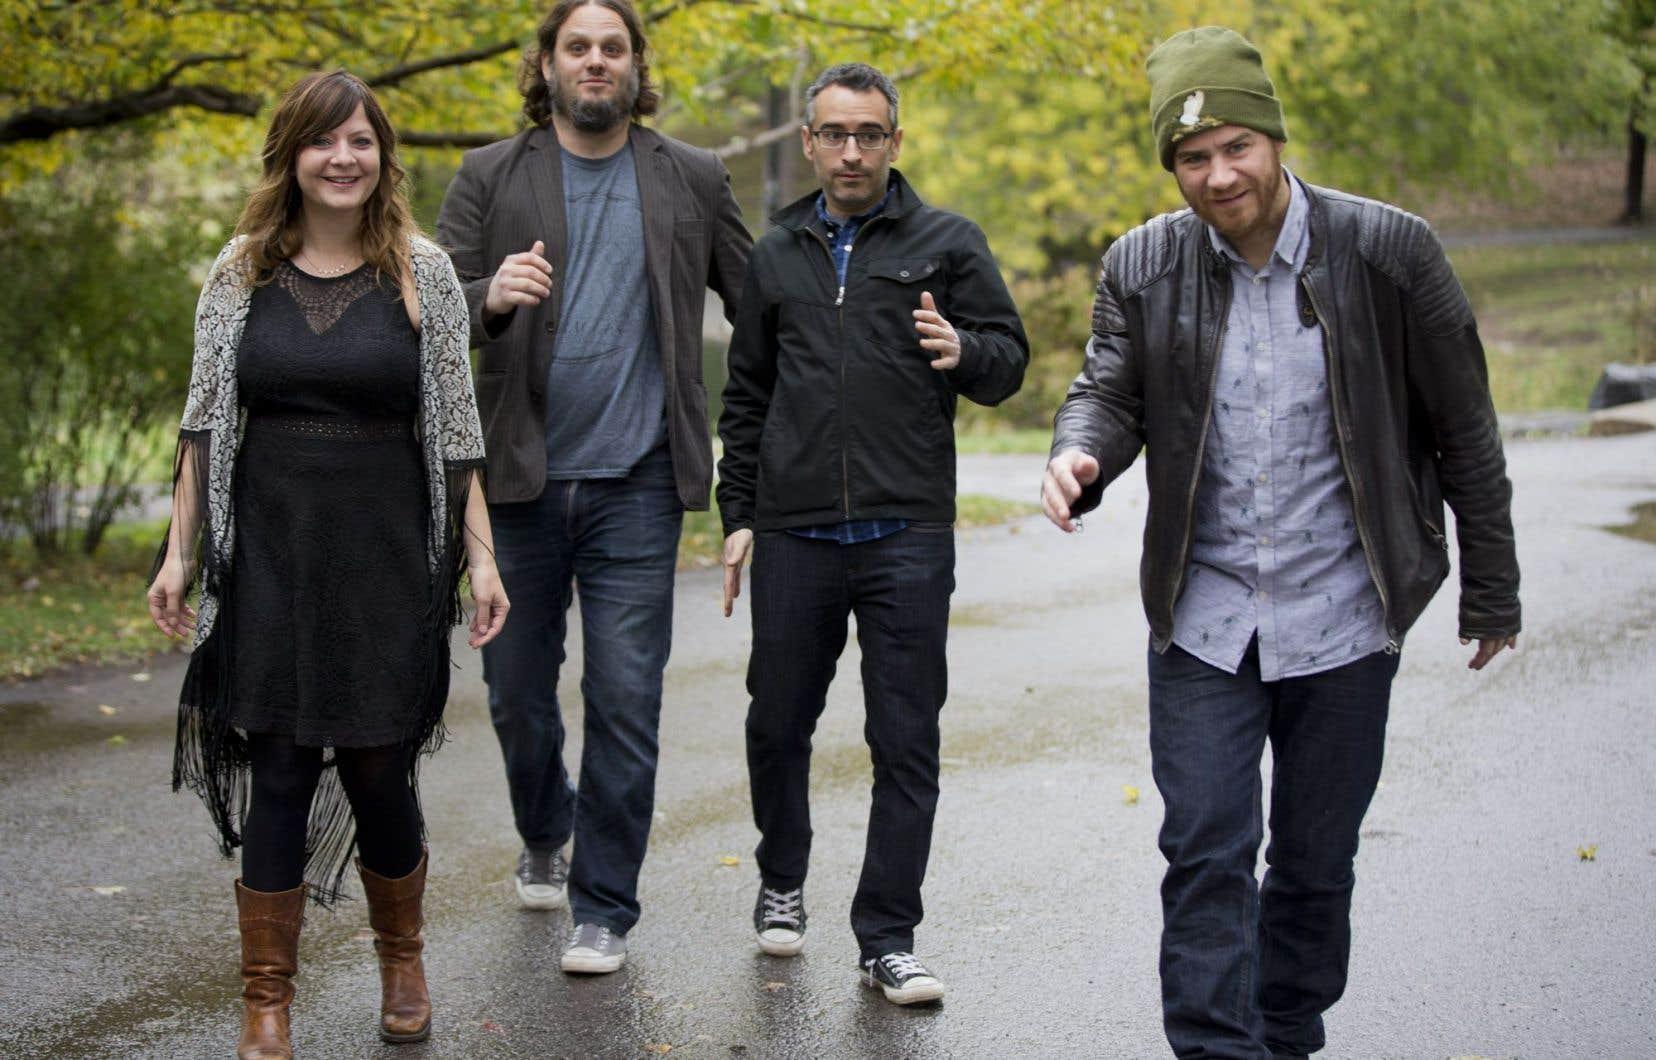 Les vétérans musiciens des Cowboys Fringants,Marie-Annick Lépine, Karl Tremblay, Jean-François Pauzé et Jérôme Dupras